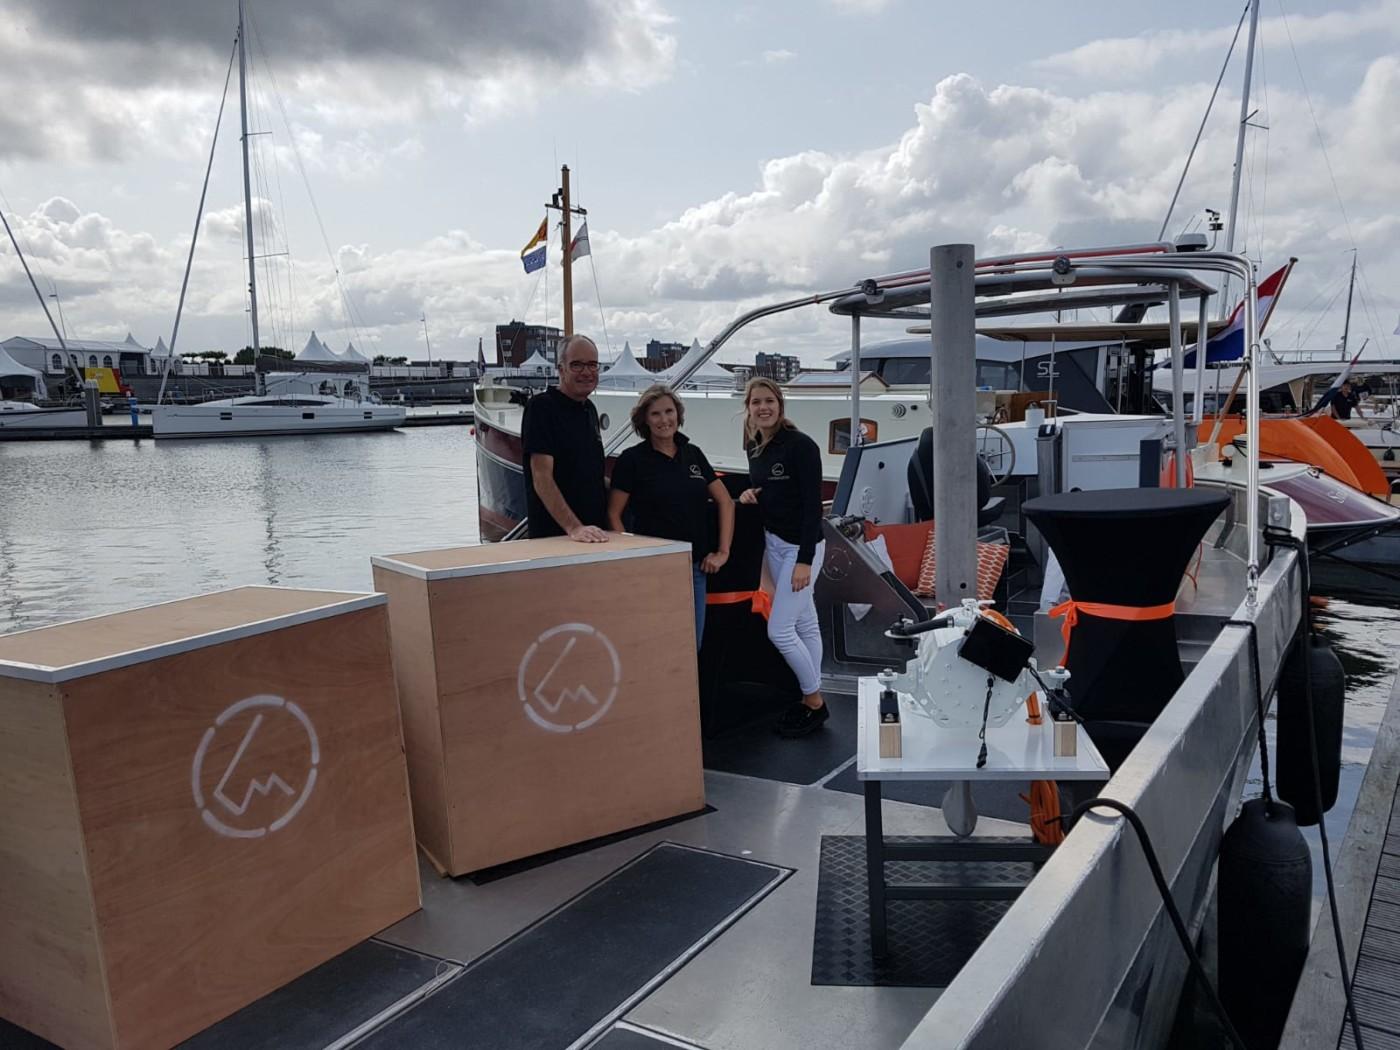 Hiswa te Water, primeursteiger, Load Master Boats, 100% elektrisch vaartuig (1)